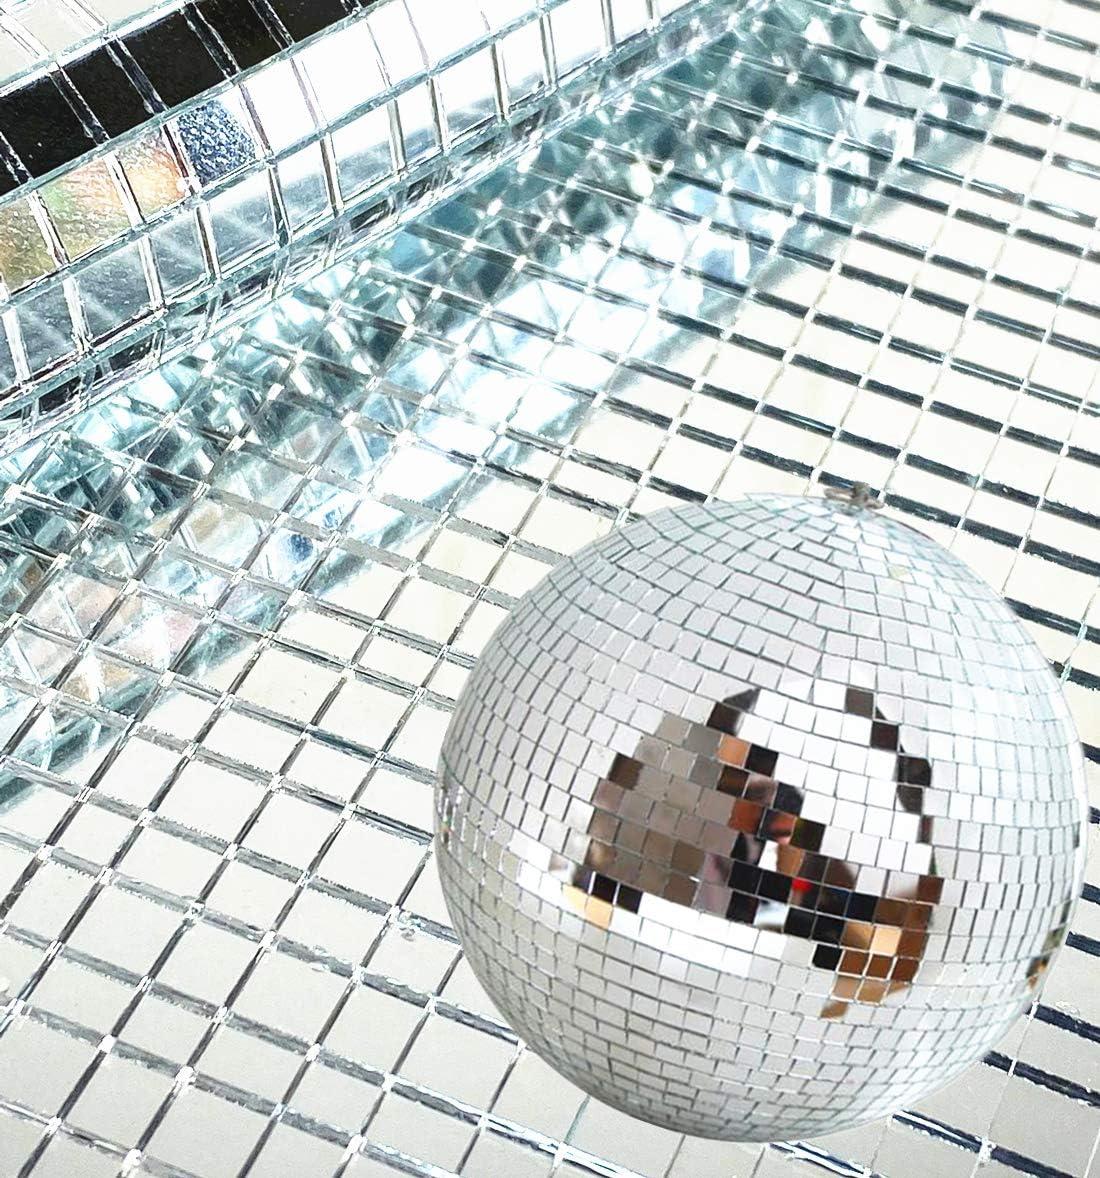 5 mm x 5 mm 2400 St/ück Meboom Selbstklebende Spiegelmosaik Fliesen Mini Silber quadratisch Glas-Aufkleber